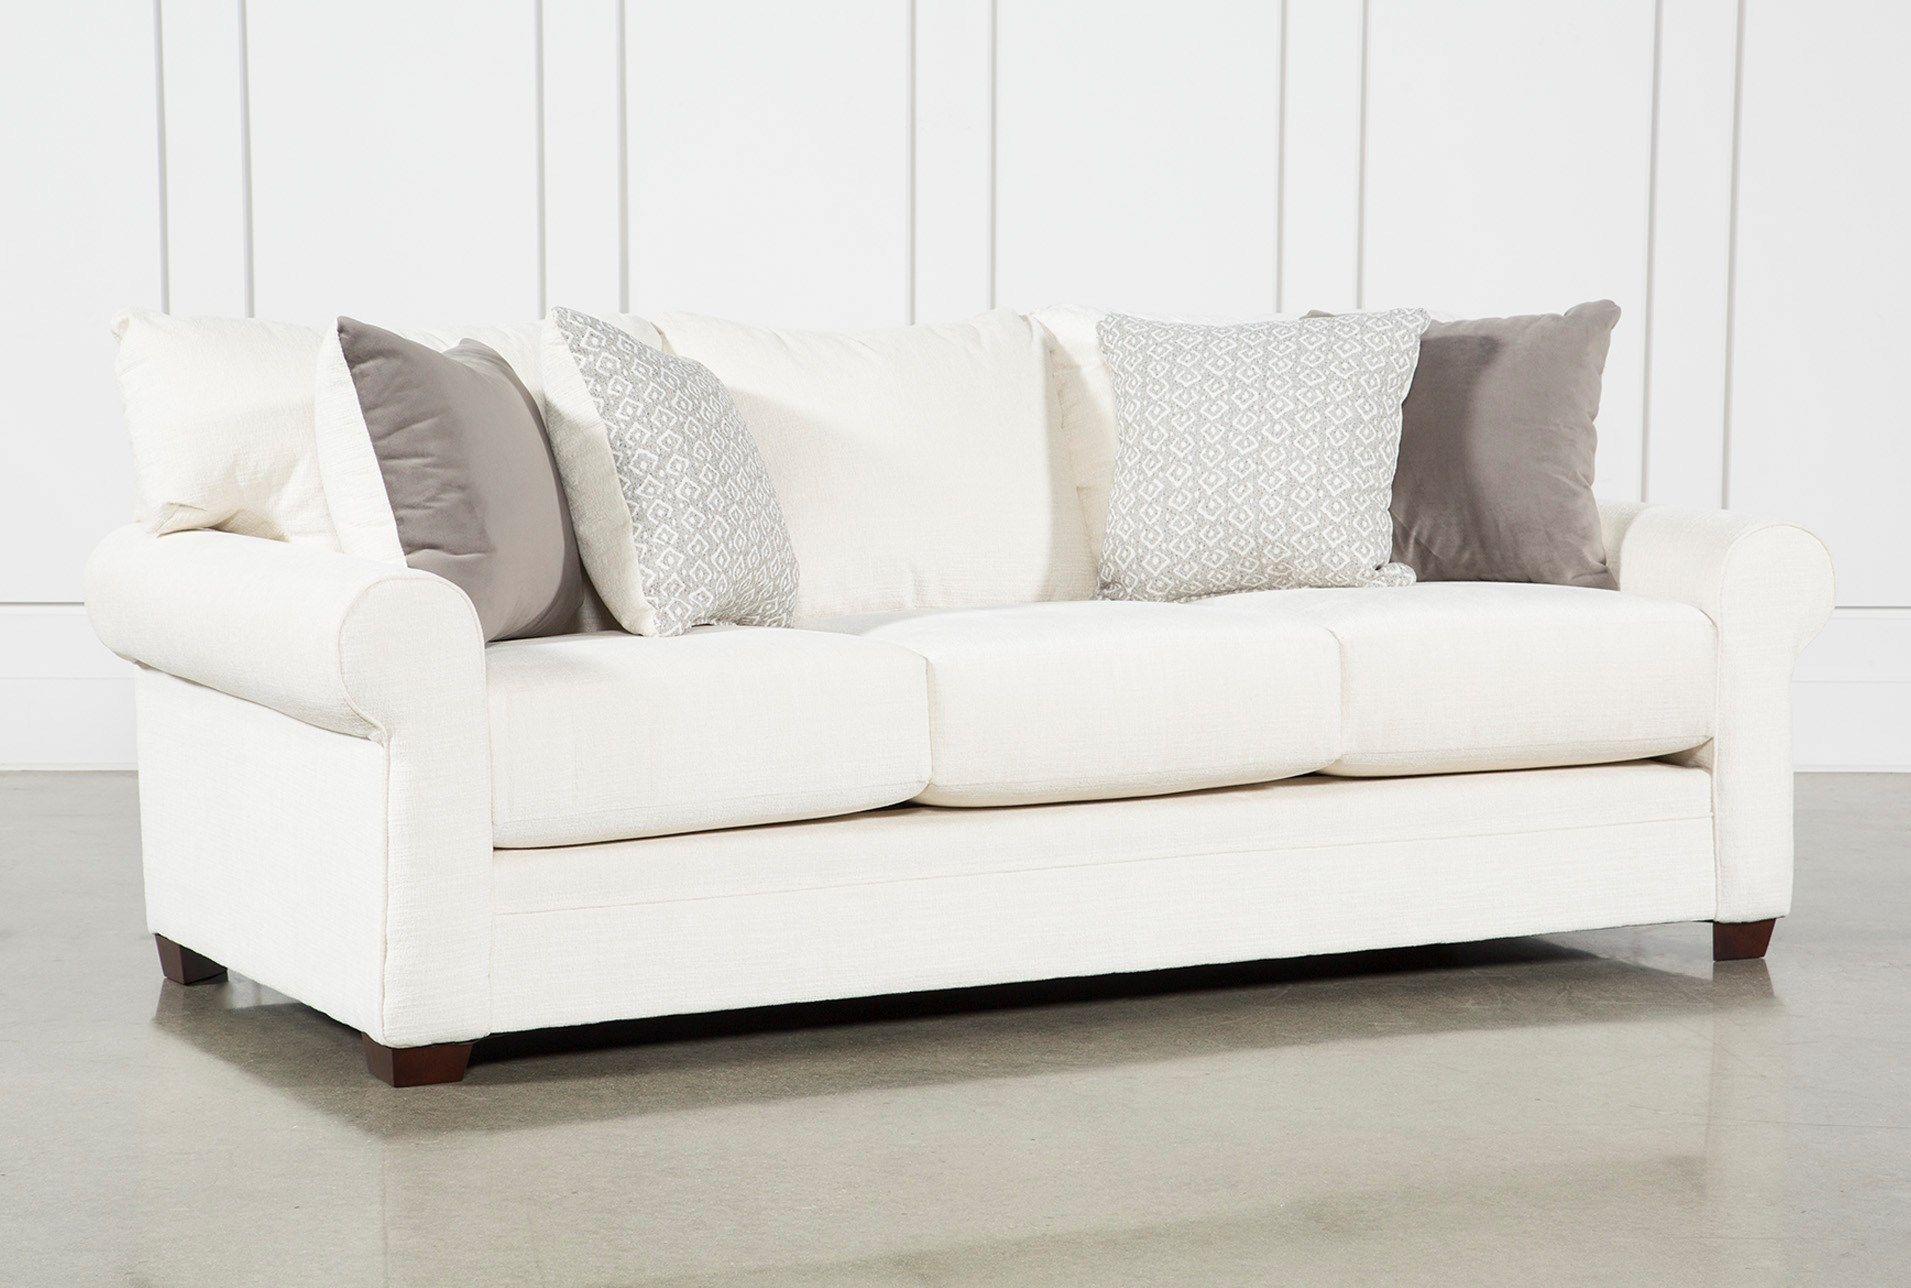 Cameron Ii Sofa White Sofa Living Room White Leather Sofas White Fabric Sofa